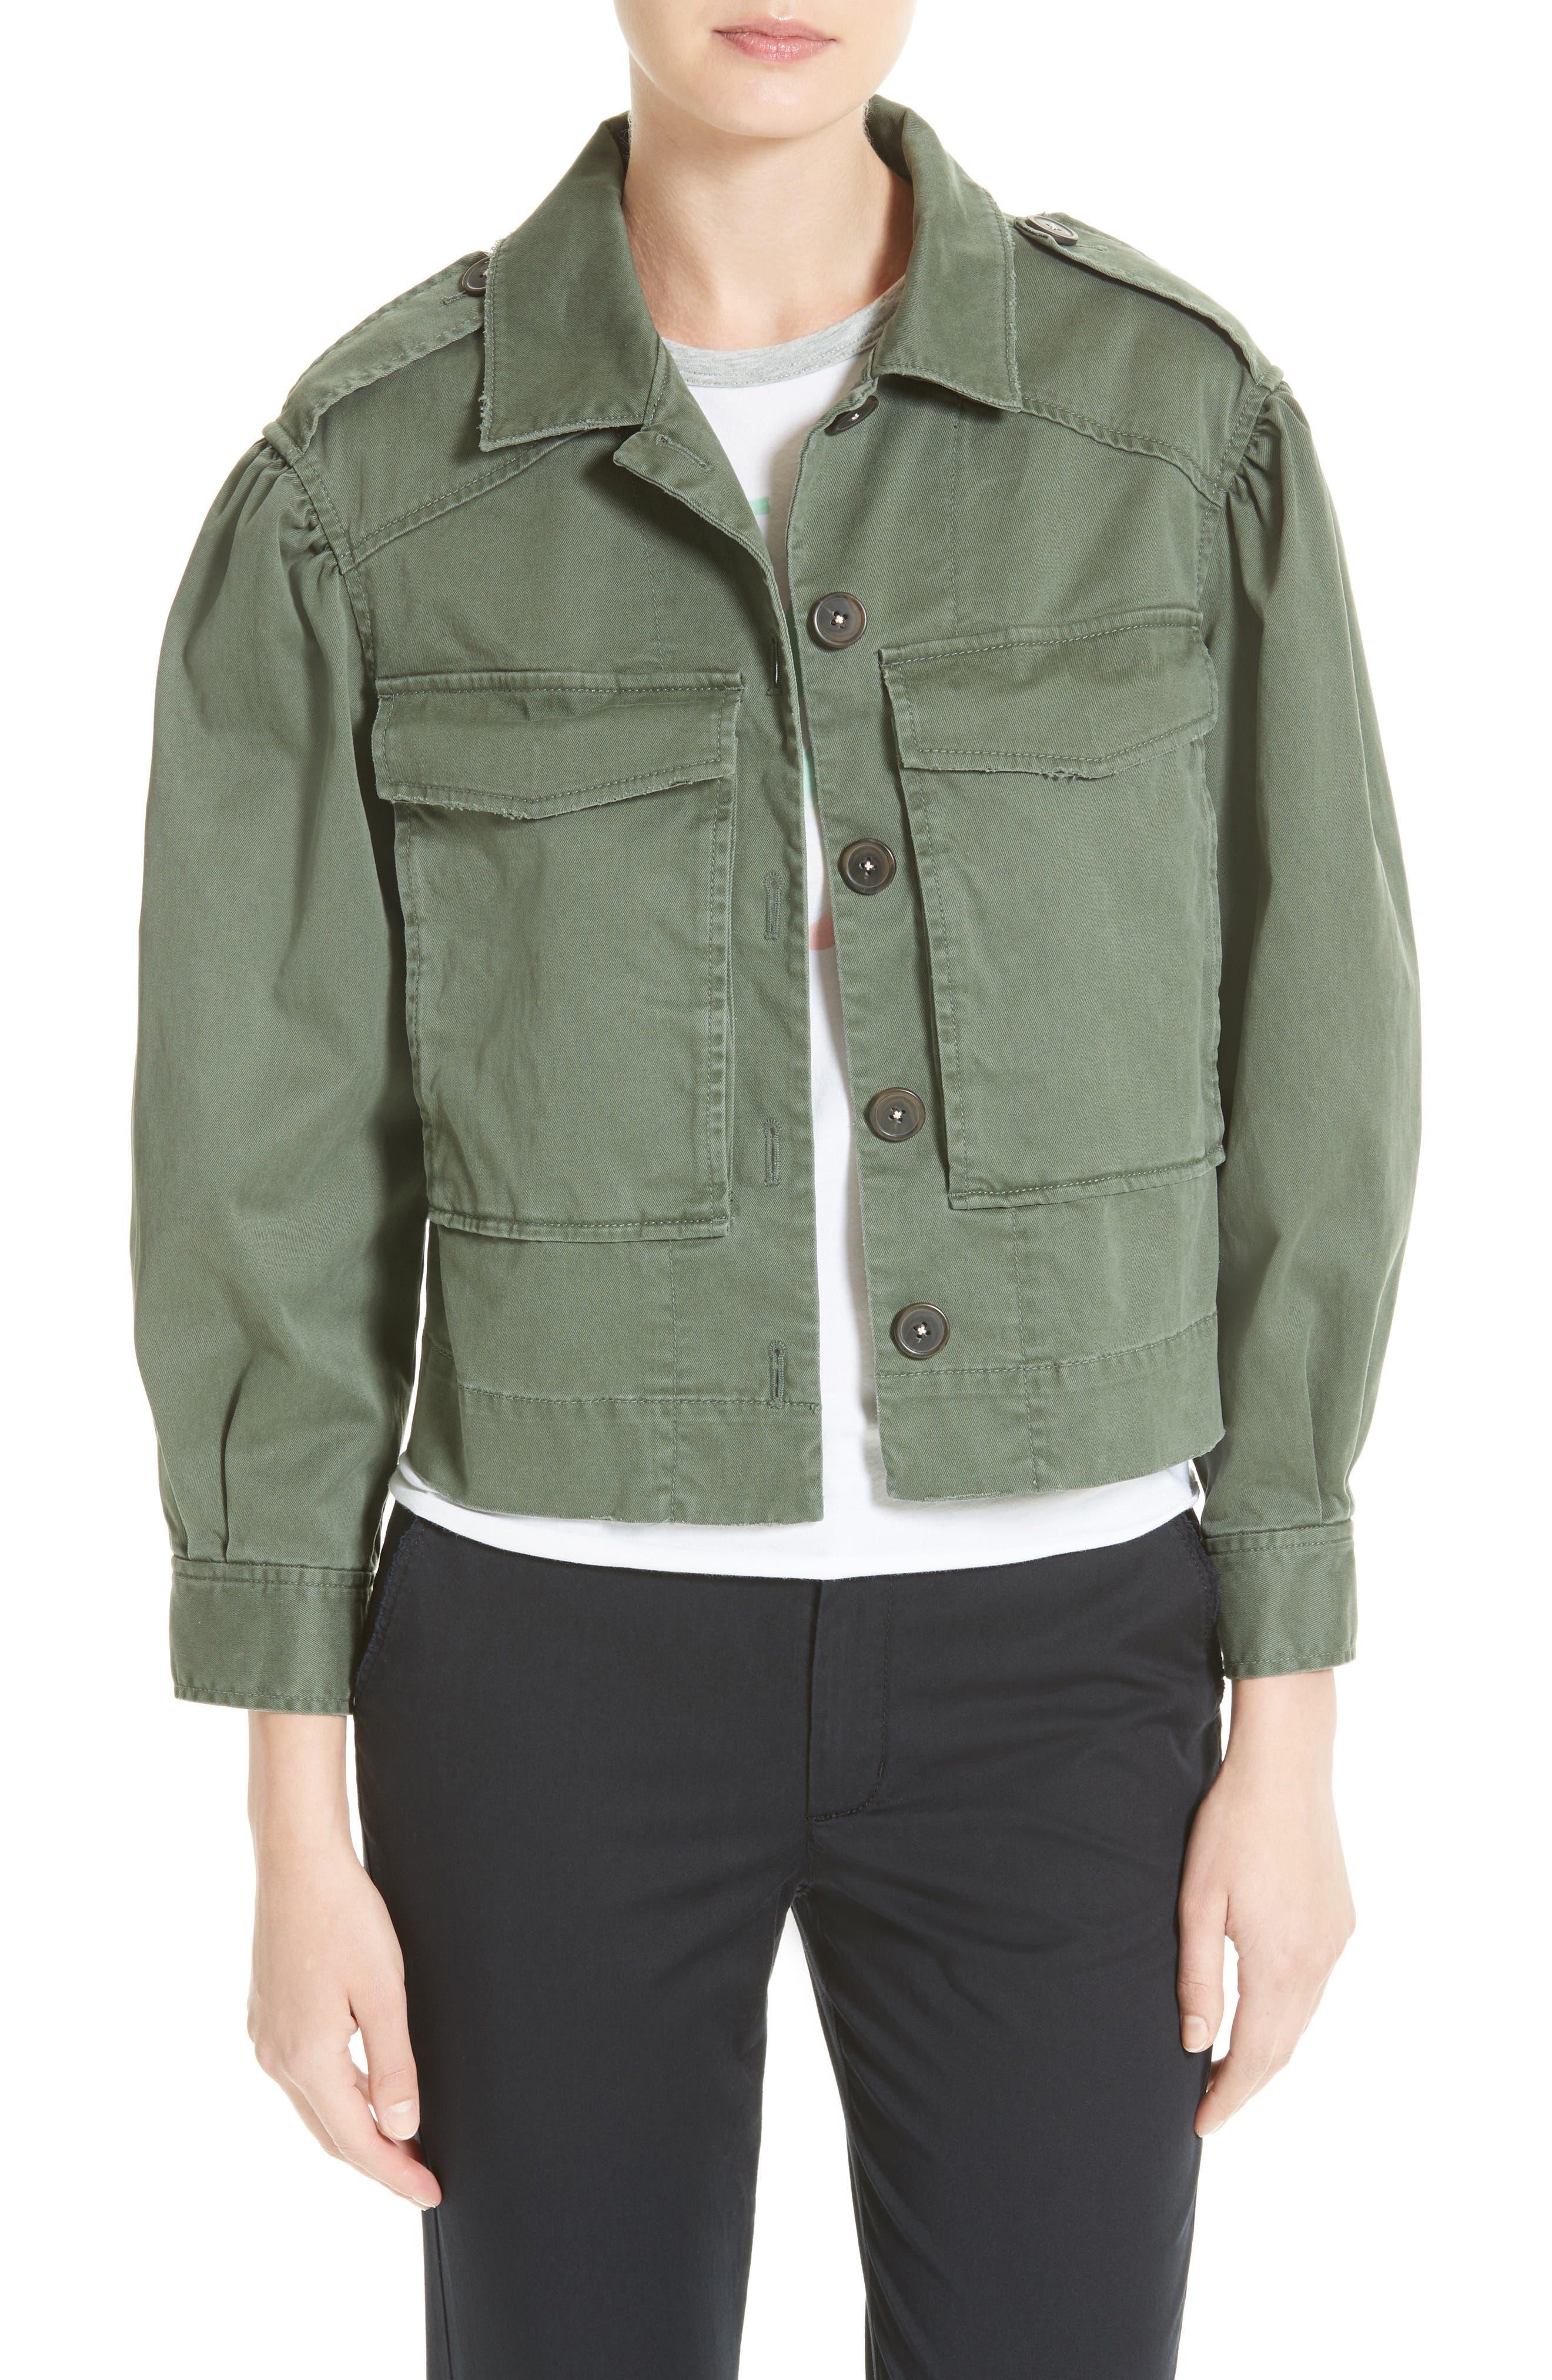 Main Image - La Vie Rebecca Taylor Crop Utility Jacket